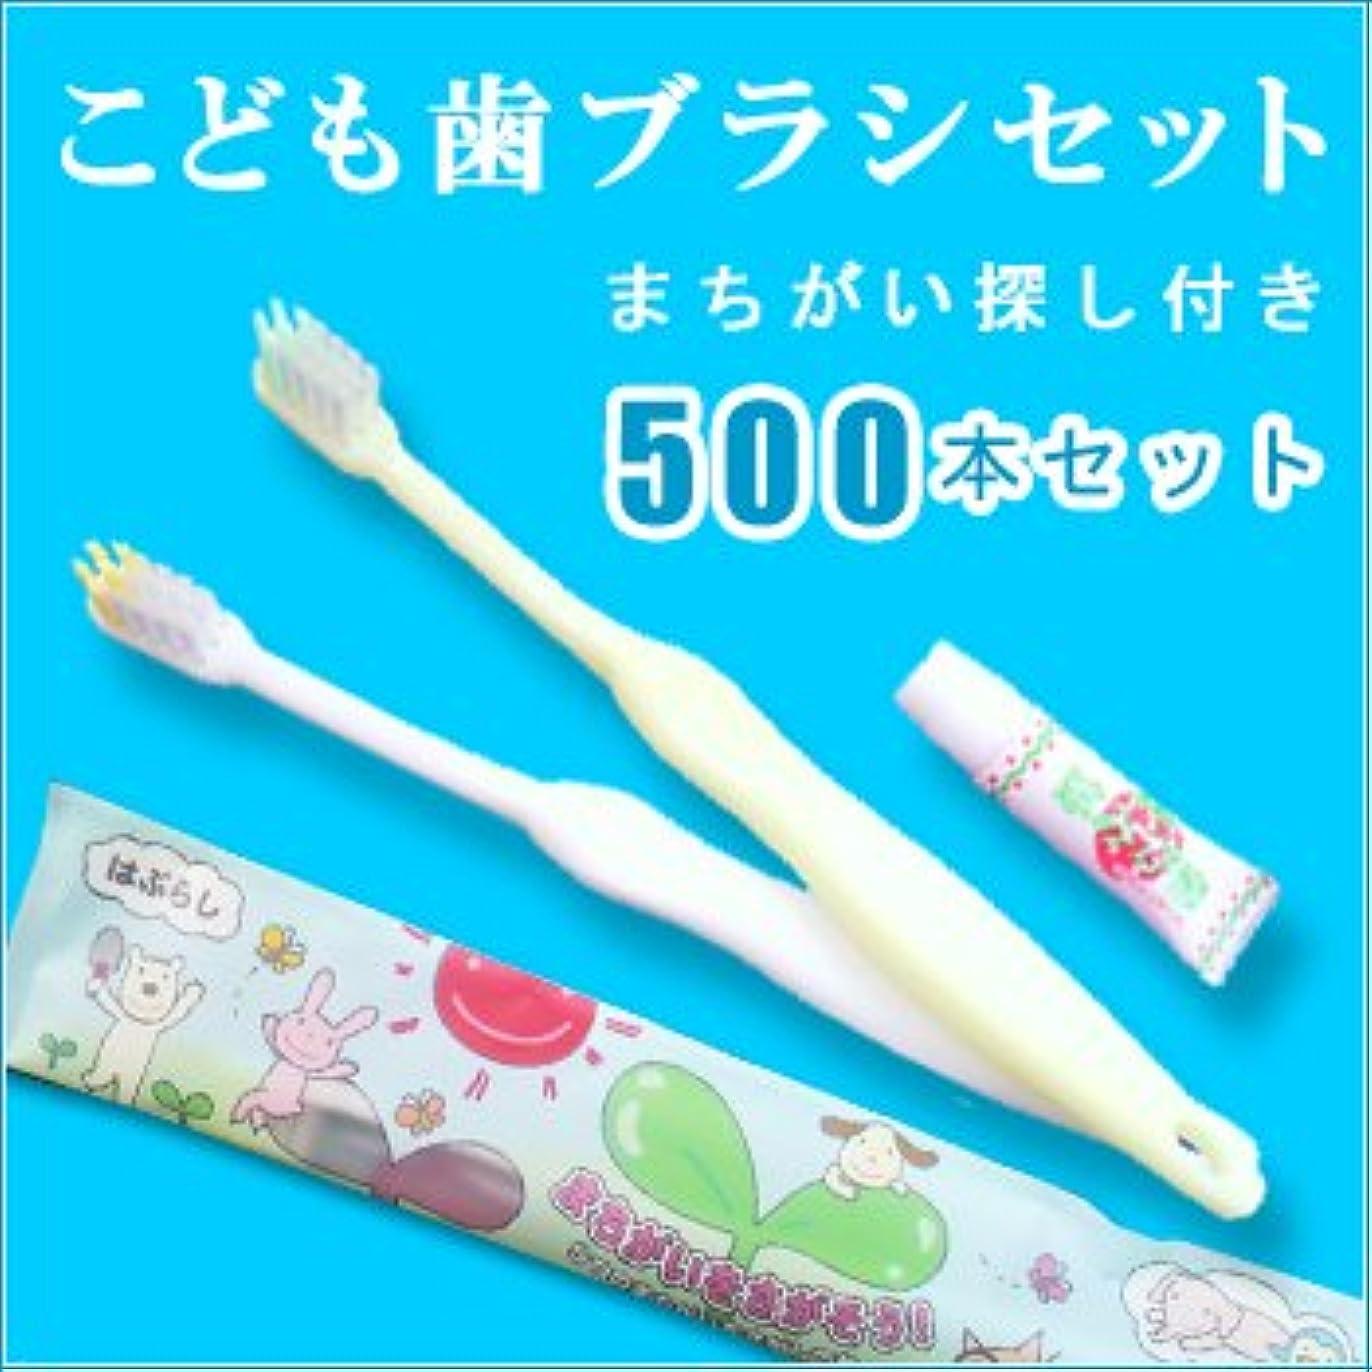 あからさまキャベツセレナこども用歯ブラシ いちご味の歯磨き粉 3gチューブ付 ホワイト?イエロー2色アソート(1セット500本)1本当たり34円